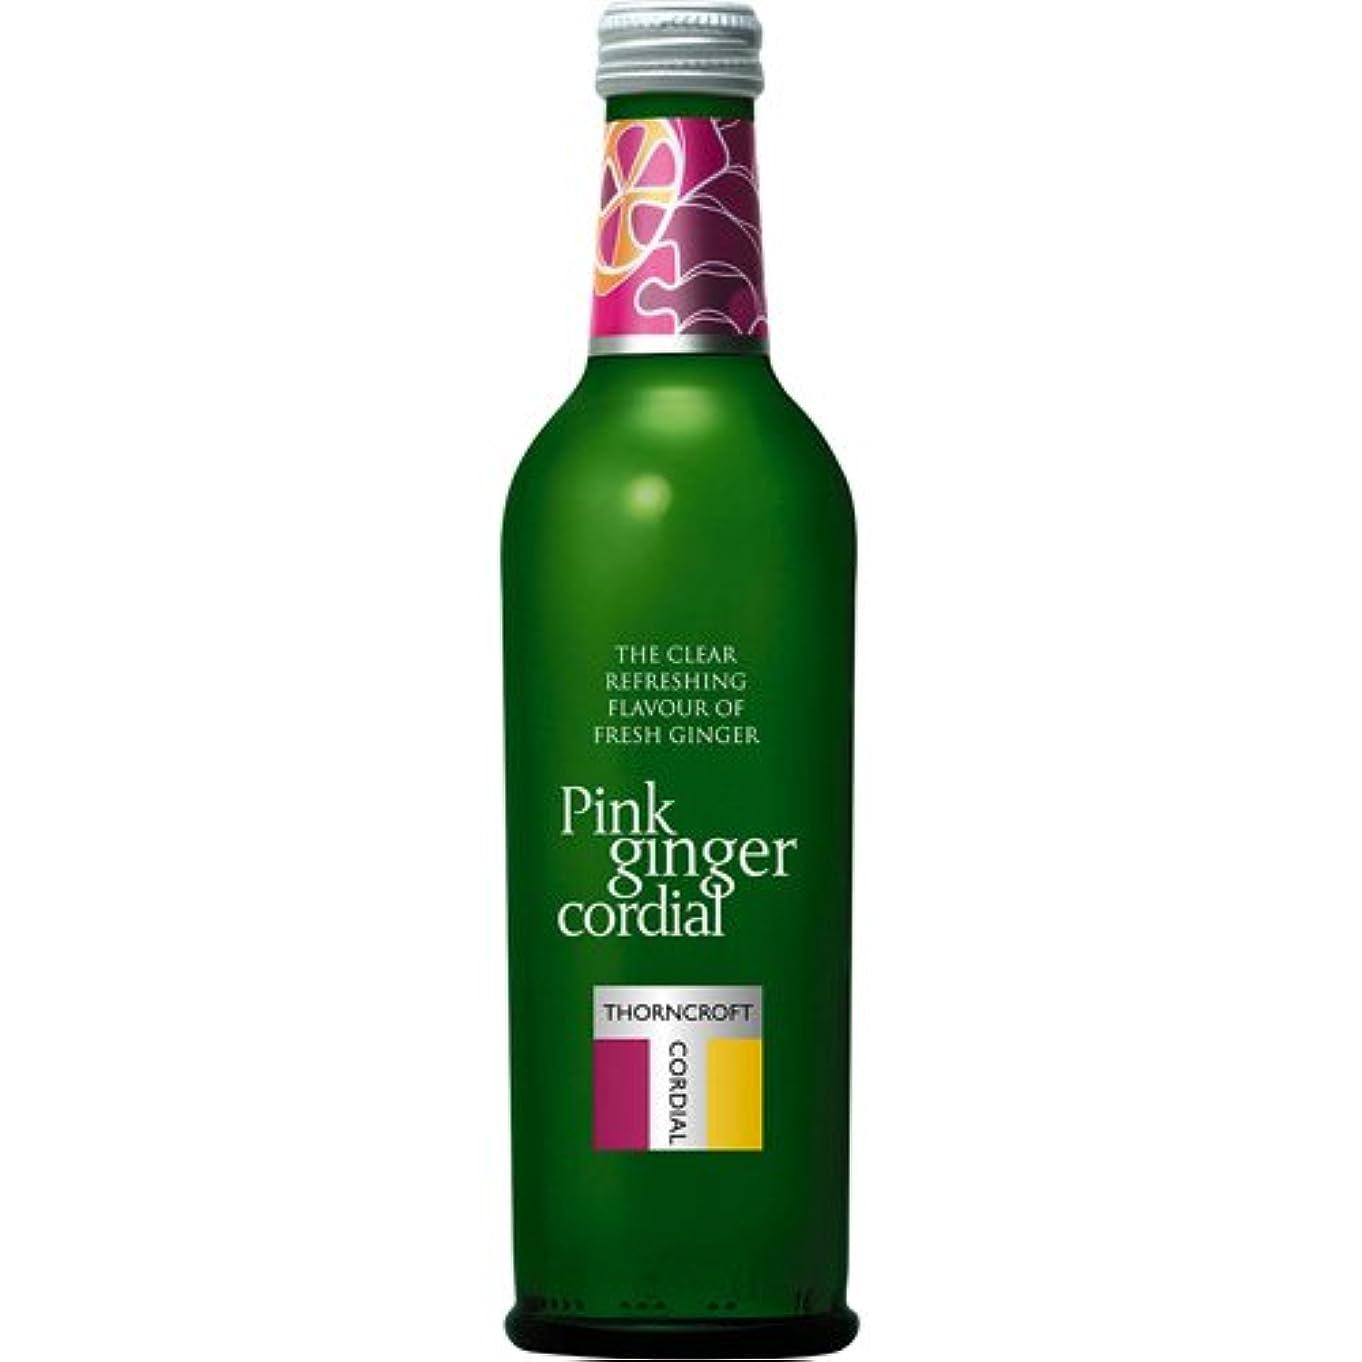 修復モードリンベックスハーブコーディアル ピンクジンジャー 375ml 健康食品 美容サポート 美容ドリンク [並行輸入品]